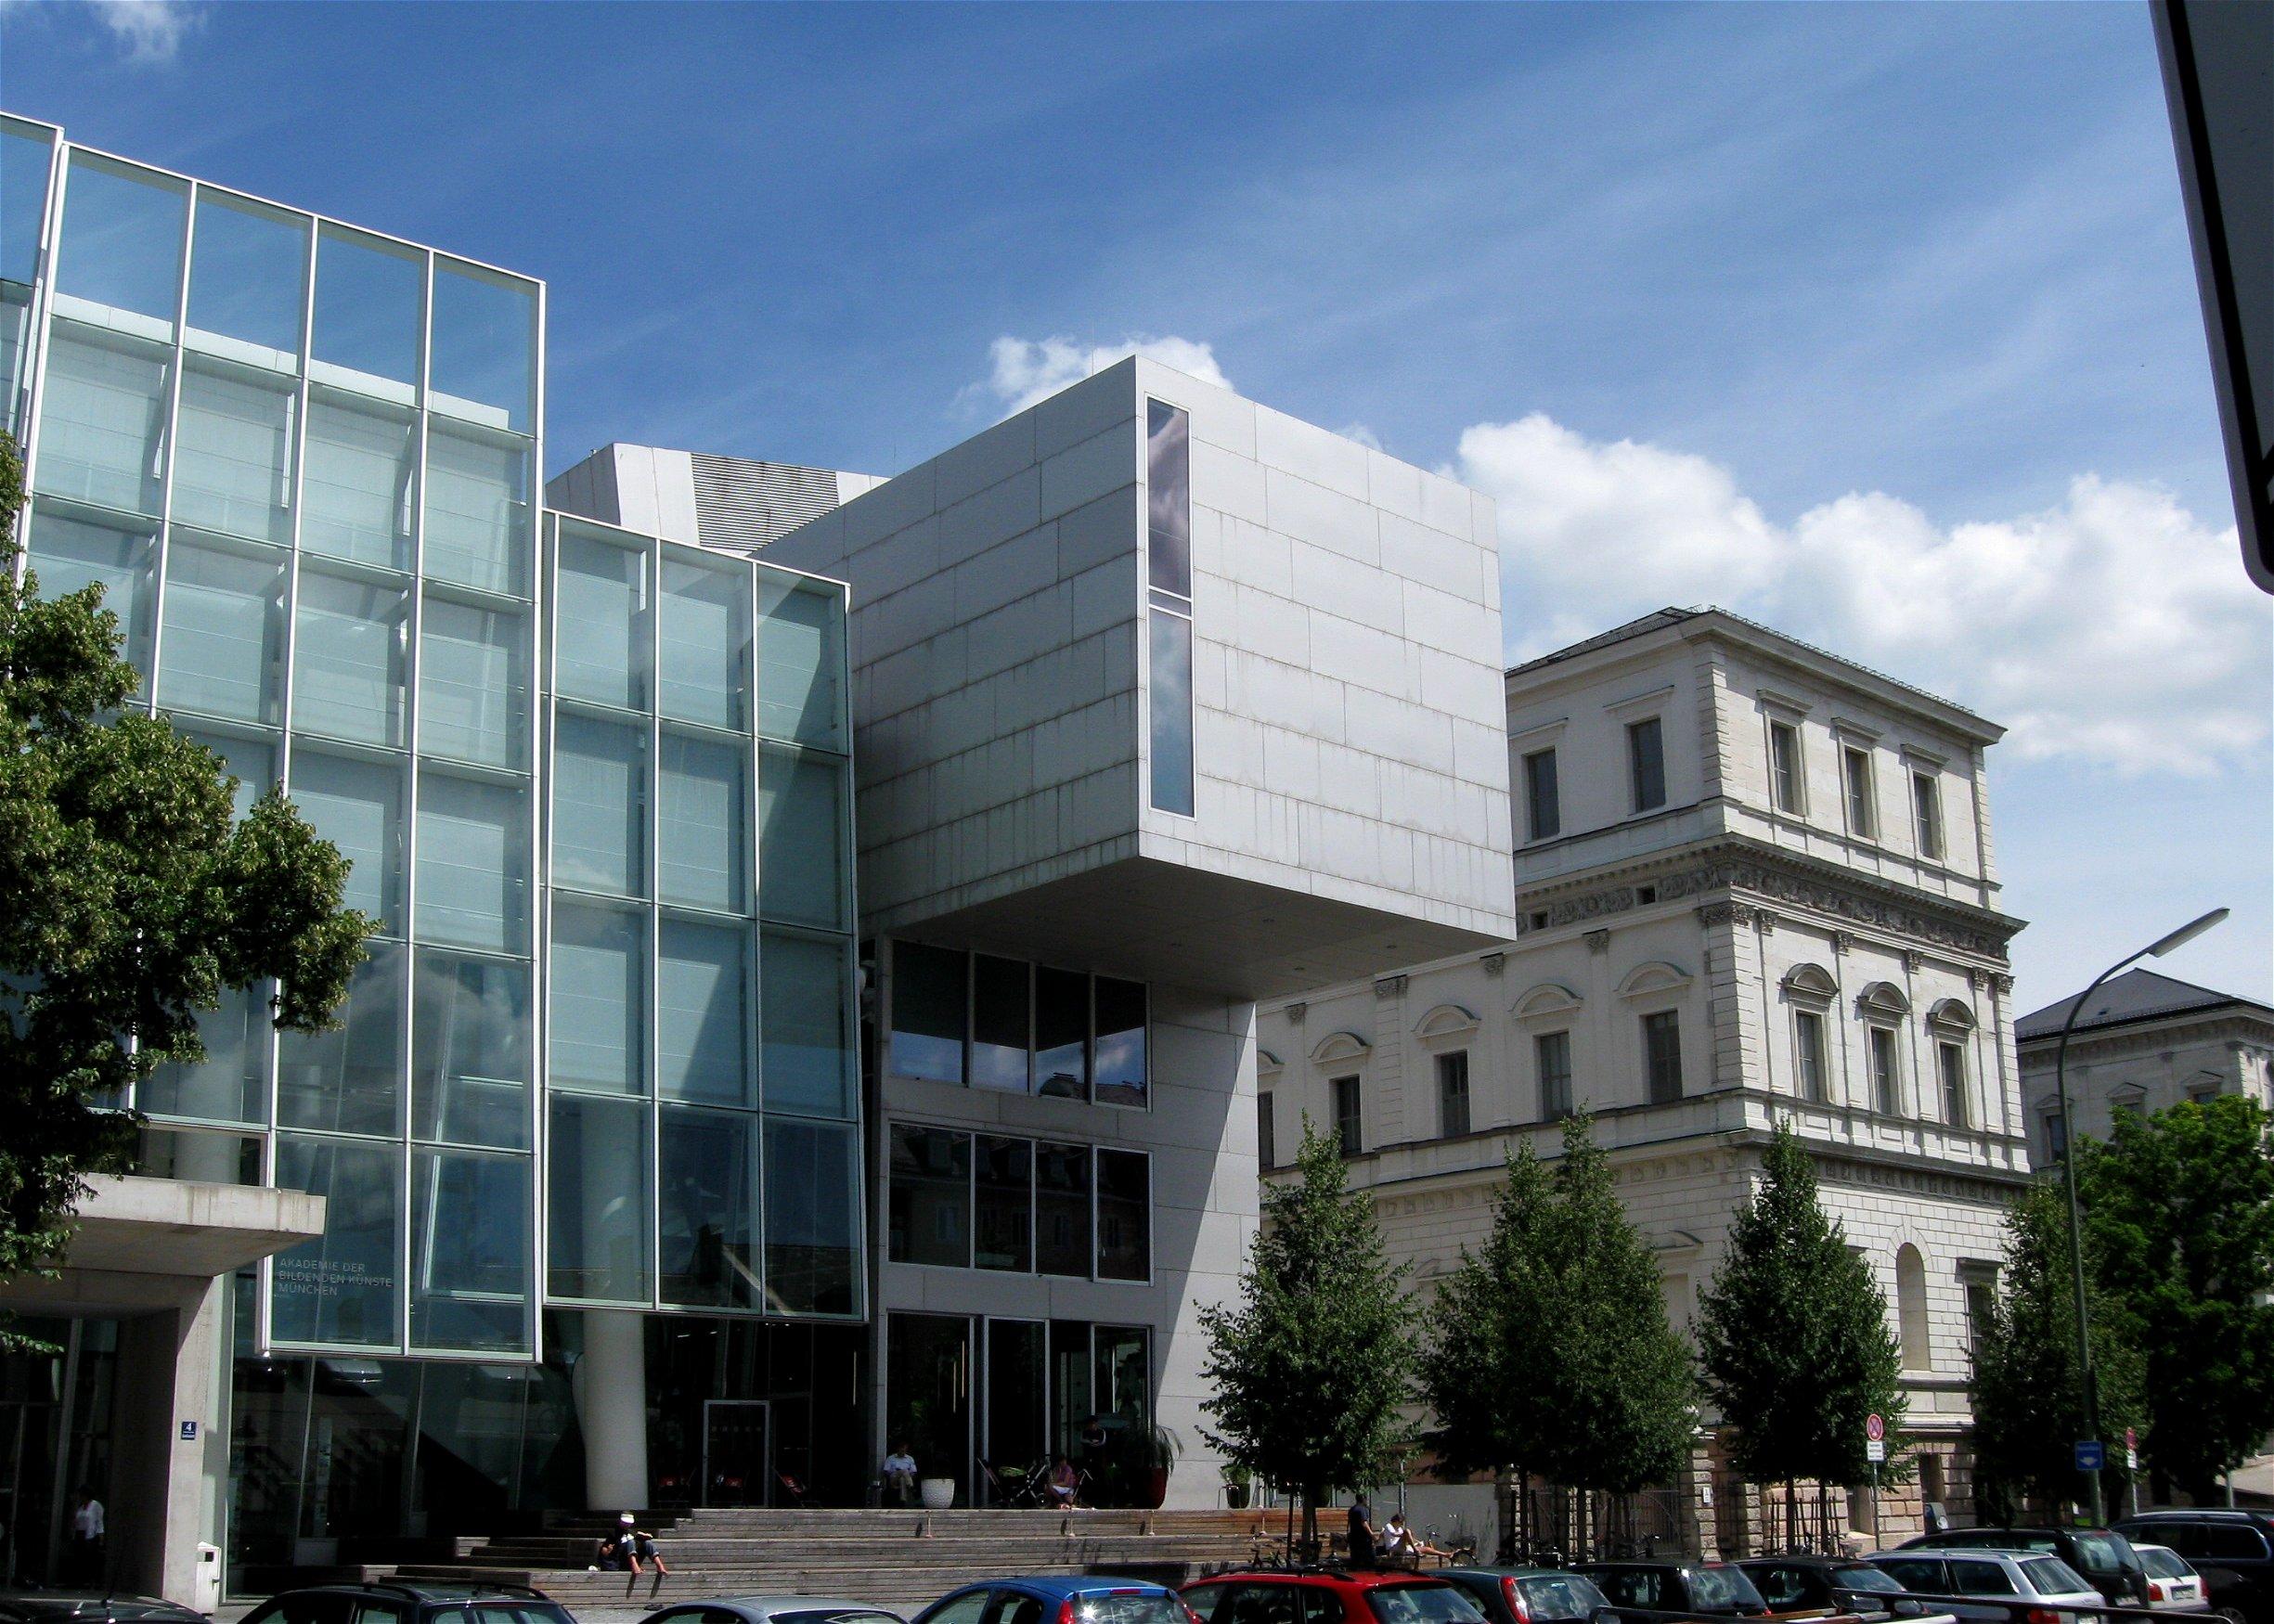 http://upload.wikimedia.org/wikipedia/commons/e/ea/Akademie_der_Bildenden_Kuenste_Muenchen-16.jpg